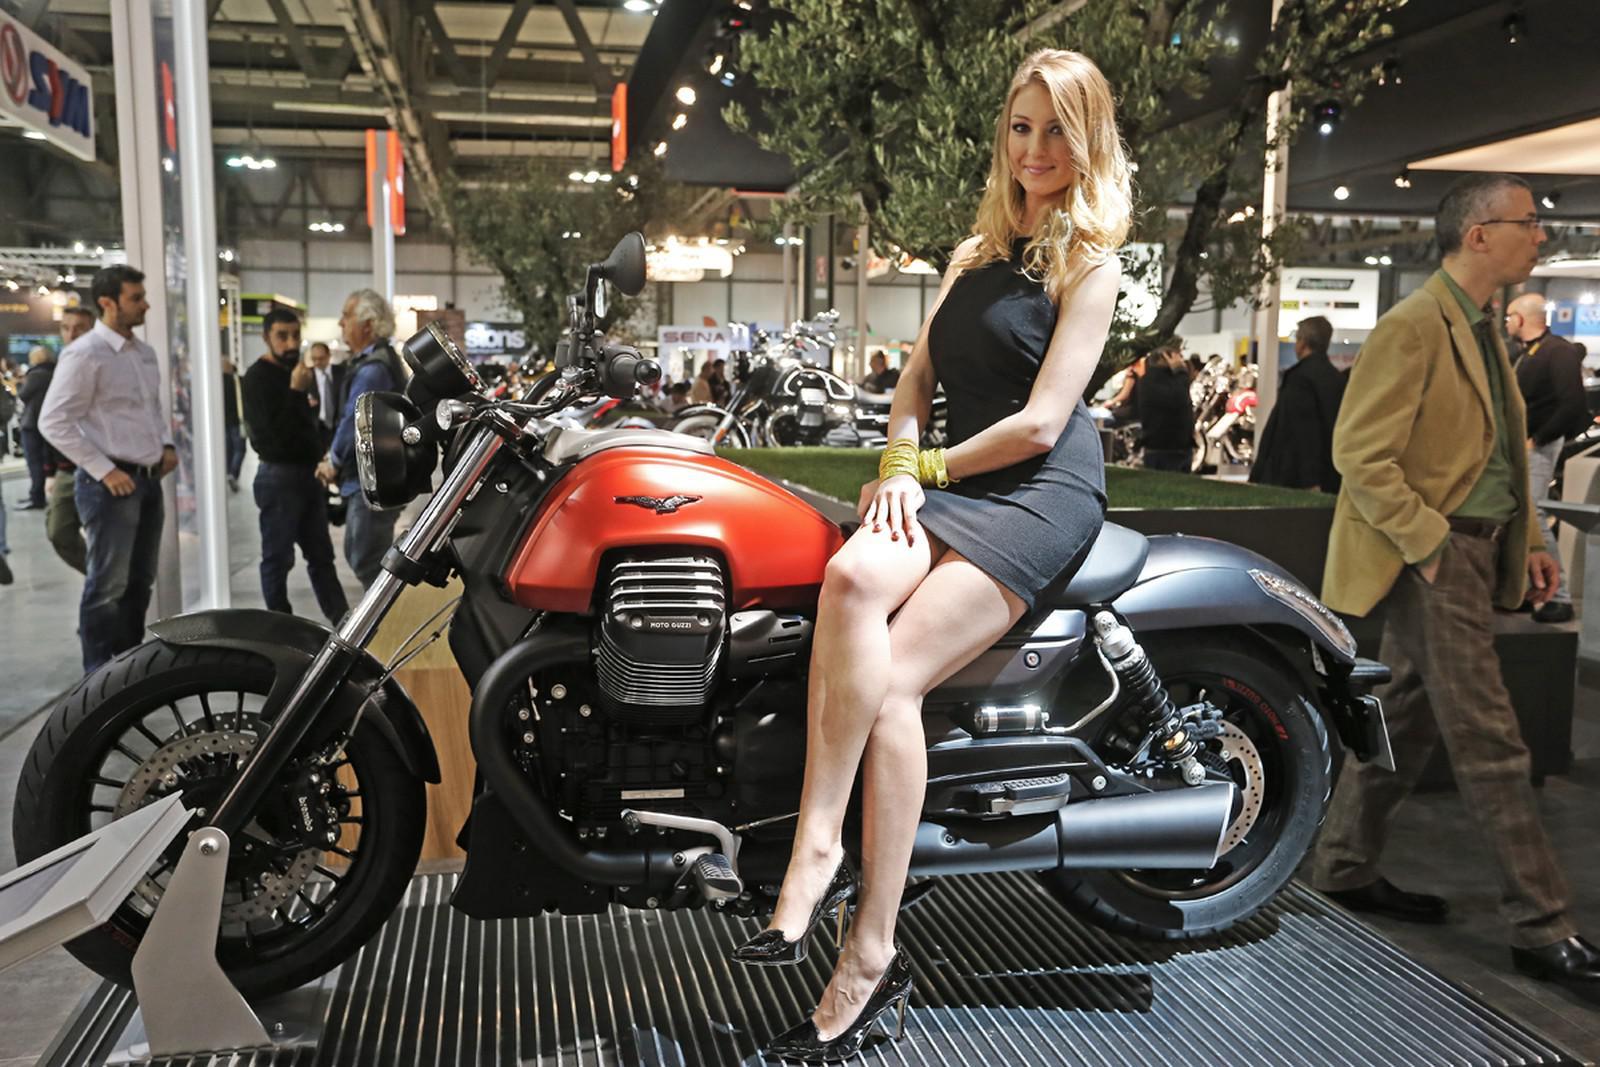 """Terzo salone dell'auto, moto, sport e veicoli da collezione il 24 e 25 settembre a Nizza per un'esposizione dal tema """"La Dolce Vita"""". Con il patrocinio di Jean-Claude Andruet, leggendario…"""